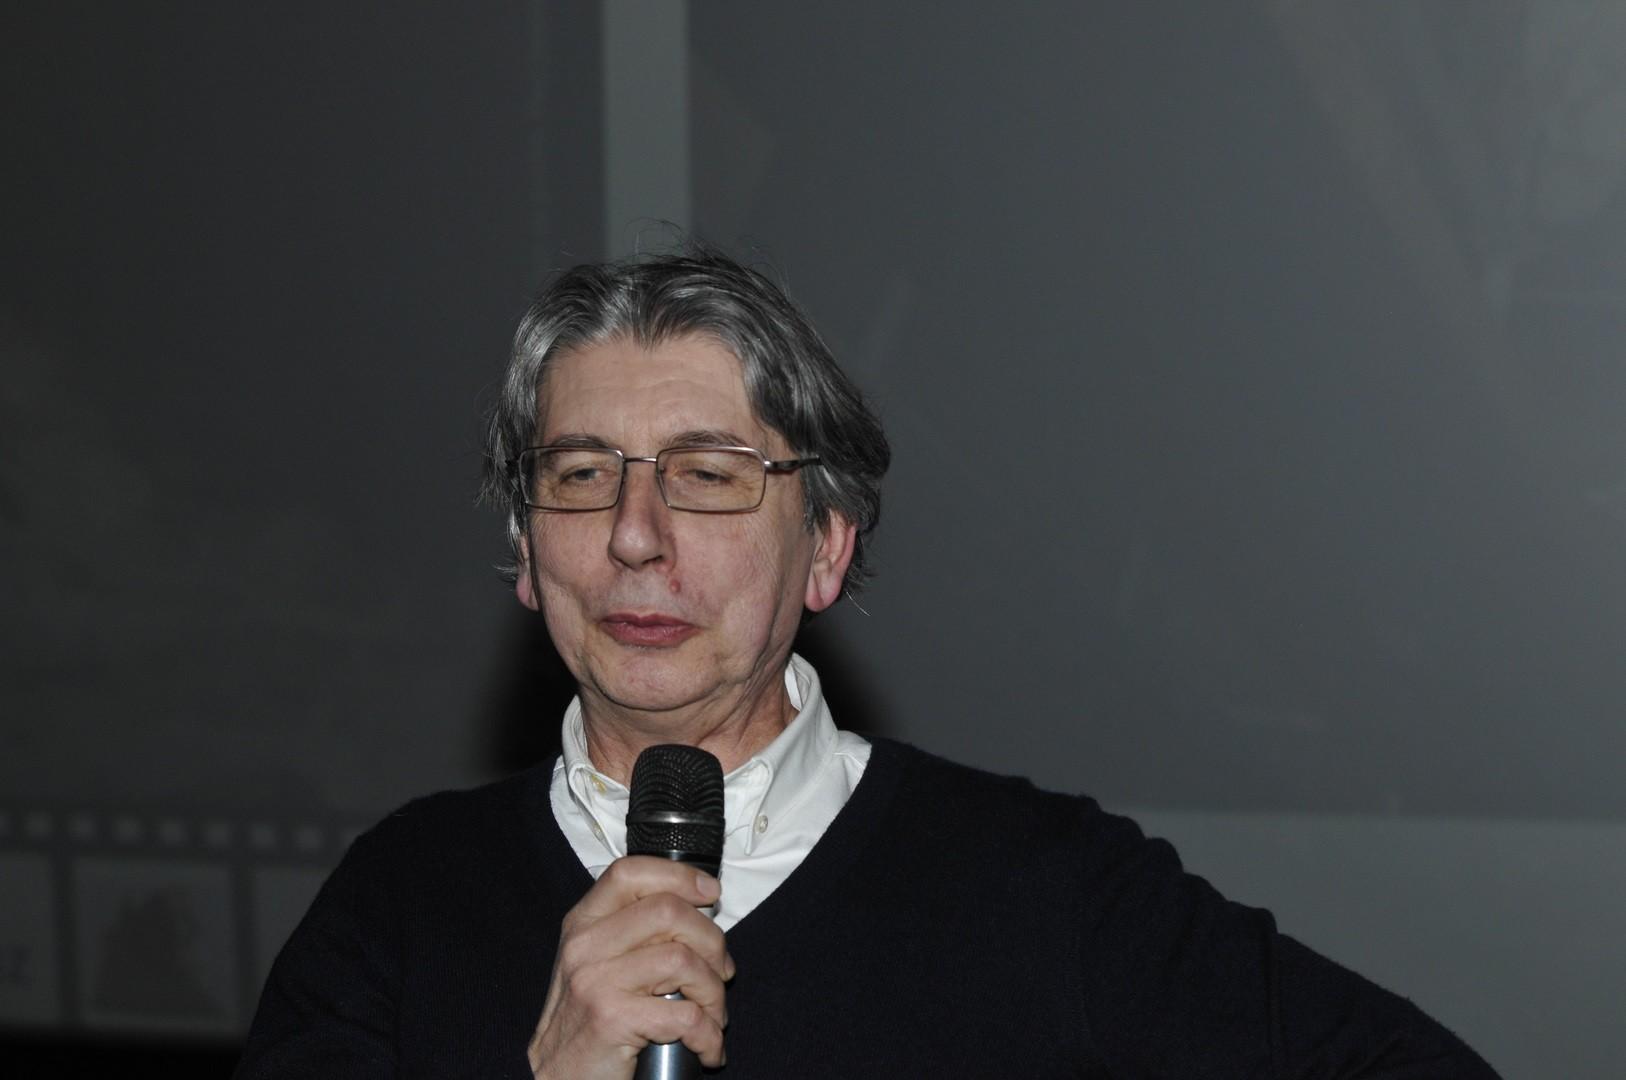 Philippe Bet, ingénieur INRAP - Île de France qui a fouillé sur le site de Charbonnier-les-Mines, répond aux questions du public sur La ville sous les blés